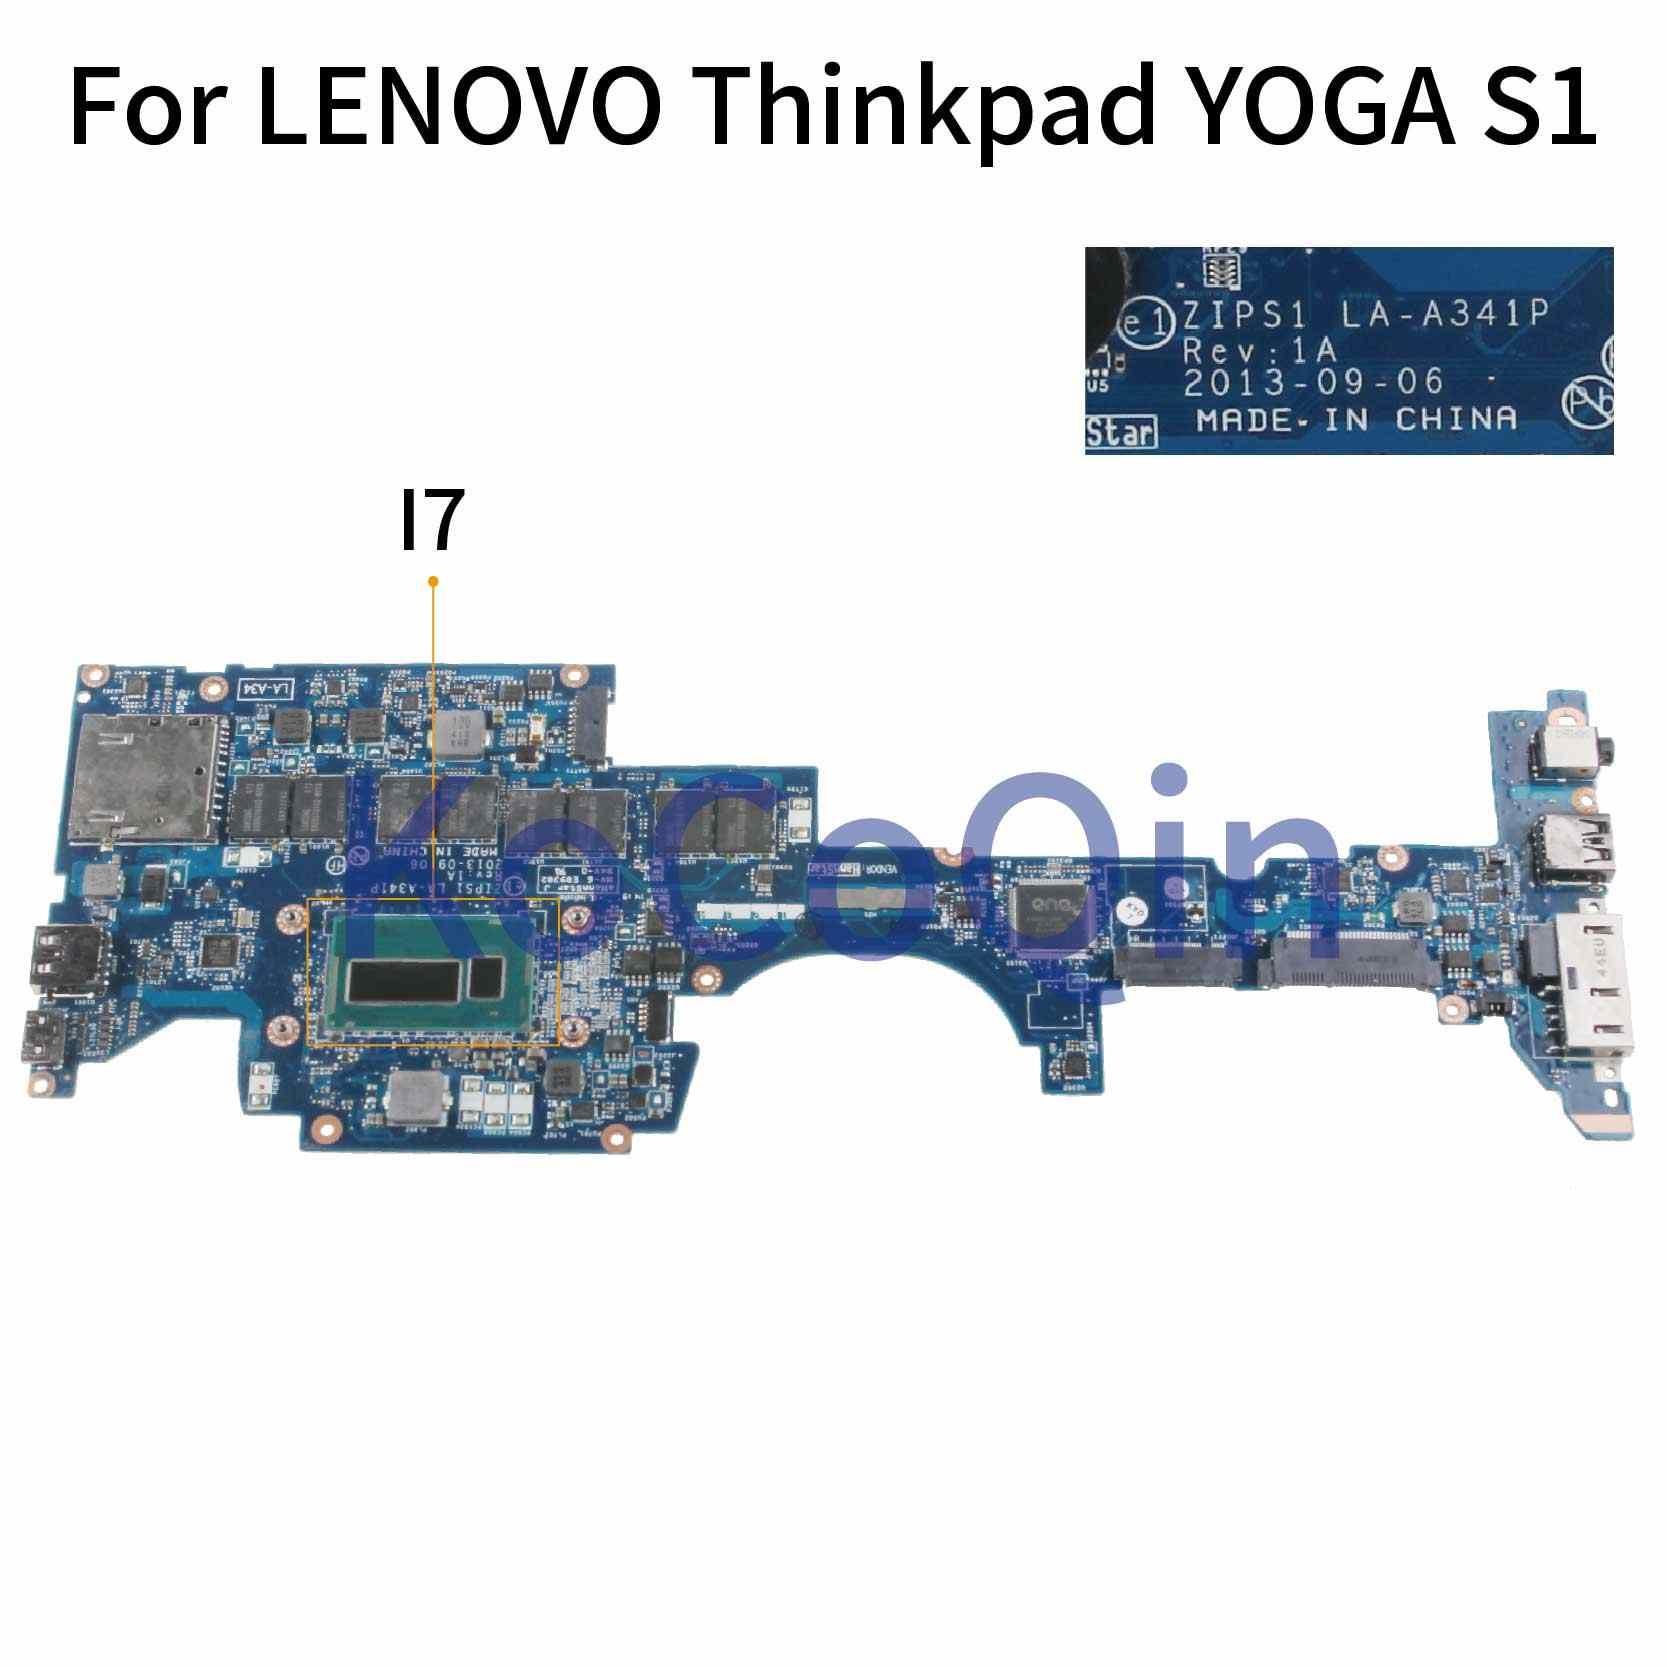 KoCoQin Laptop Cho LENOVO ThinkPad YOGA S1 I7-4500U 8G Mainboard 04X5239 00HT135 04X5240 00HT133 ZIPS1 LA-A341P